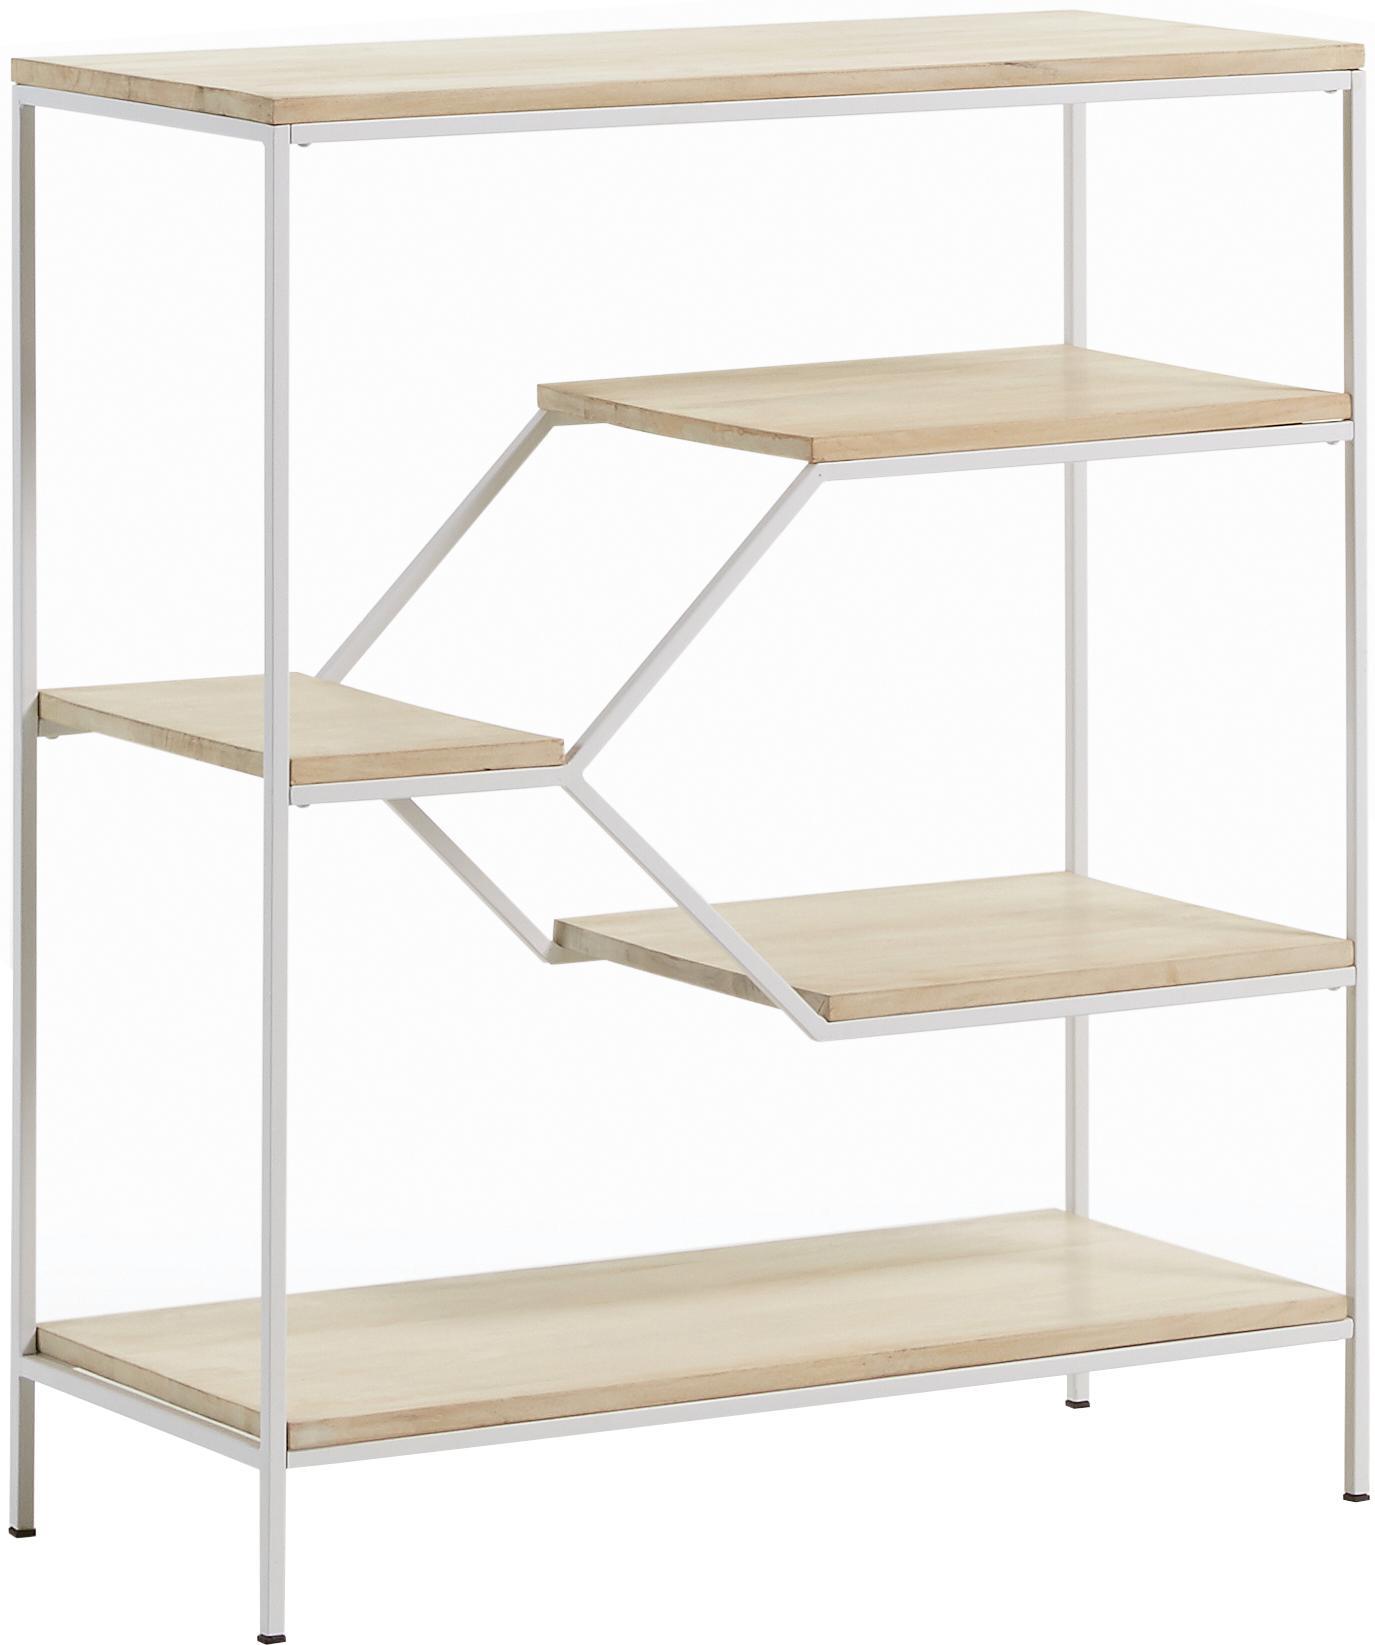 Scaffale basso in legno e metallo Push, Struttura: metallo verniciato, Ripiani: legno di mango massiccio, Bianco, marrone, Larg. 80 x Alt. 94 cm